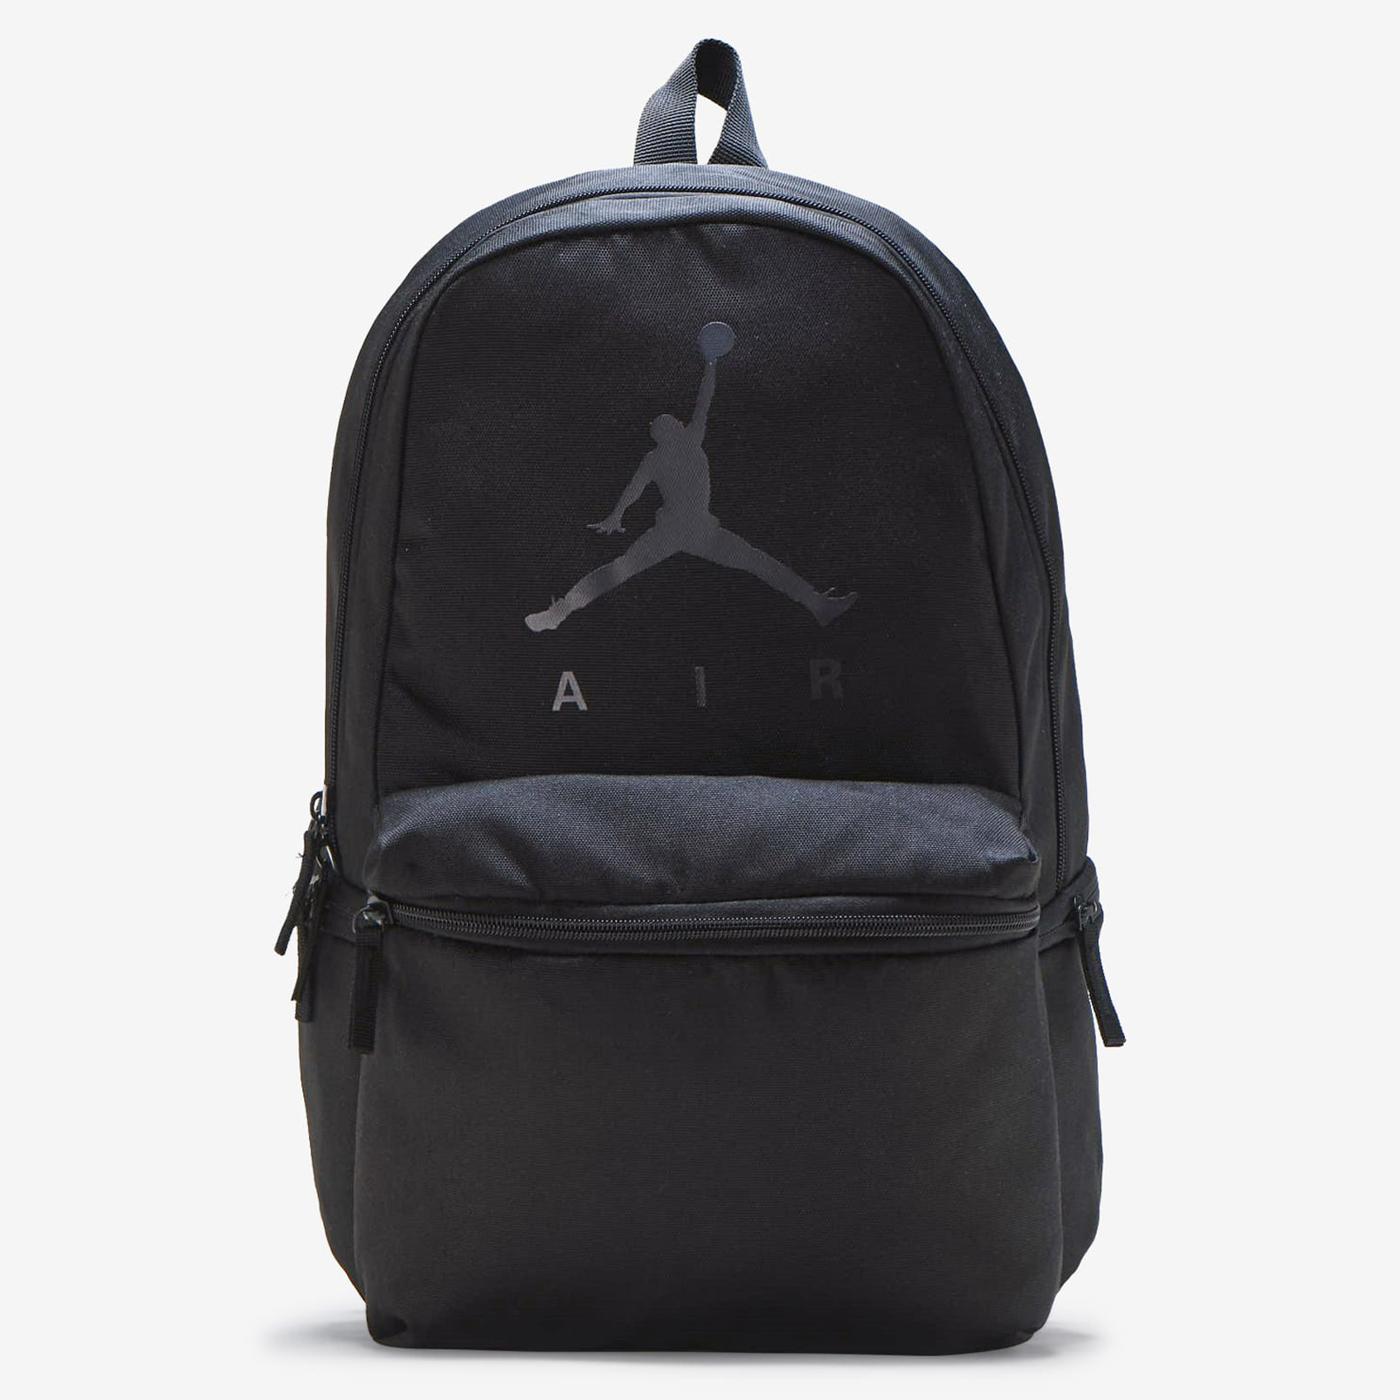 ★現貨在庫★ NIKE Air Jordan Backpack 背包 休閒 黑【運動世界】9A0289-023